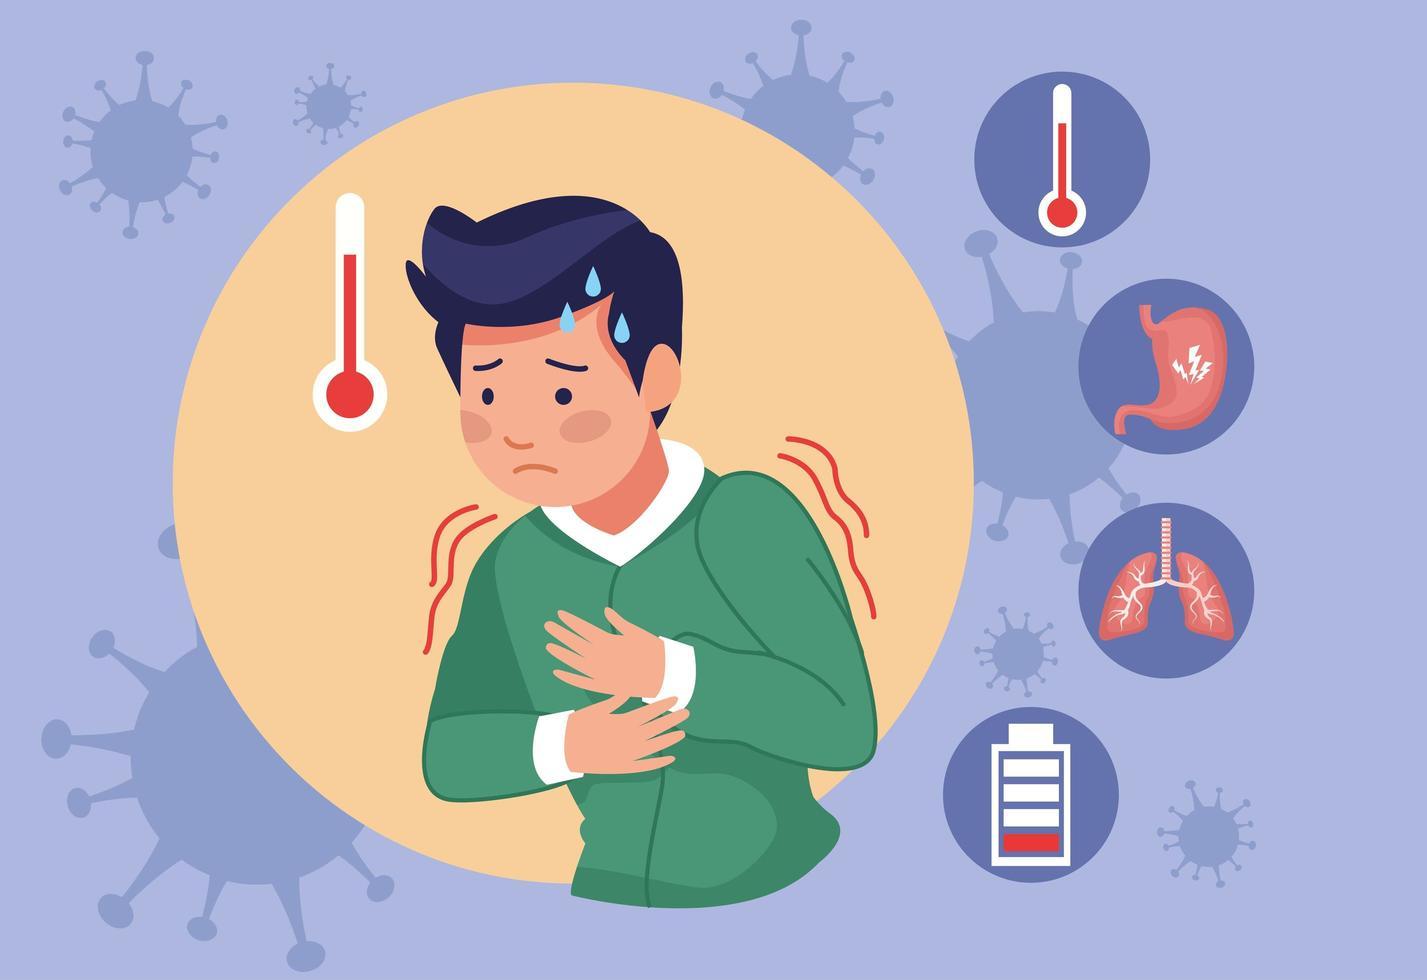 junger Mann mit Fieber wegen Covid-19-Krankheit vektor